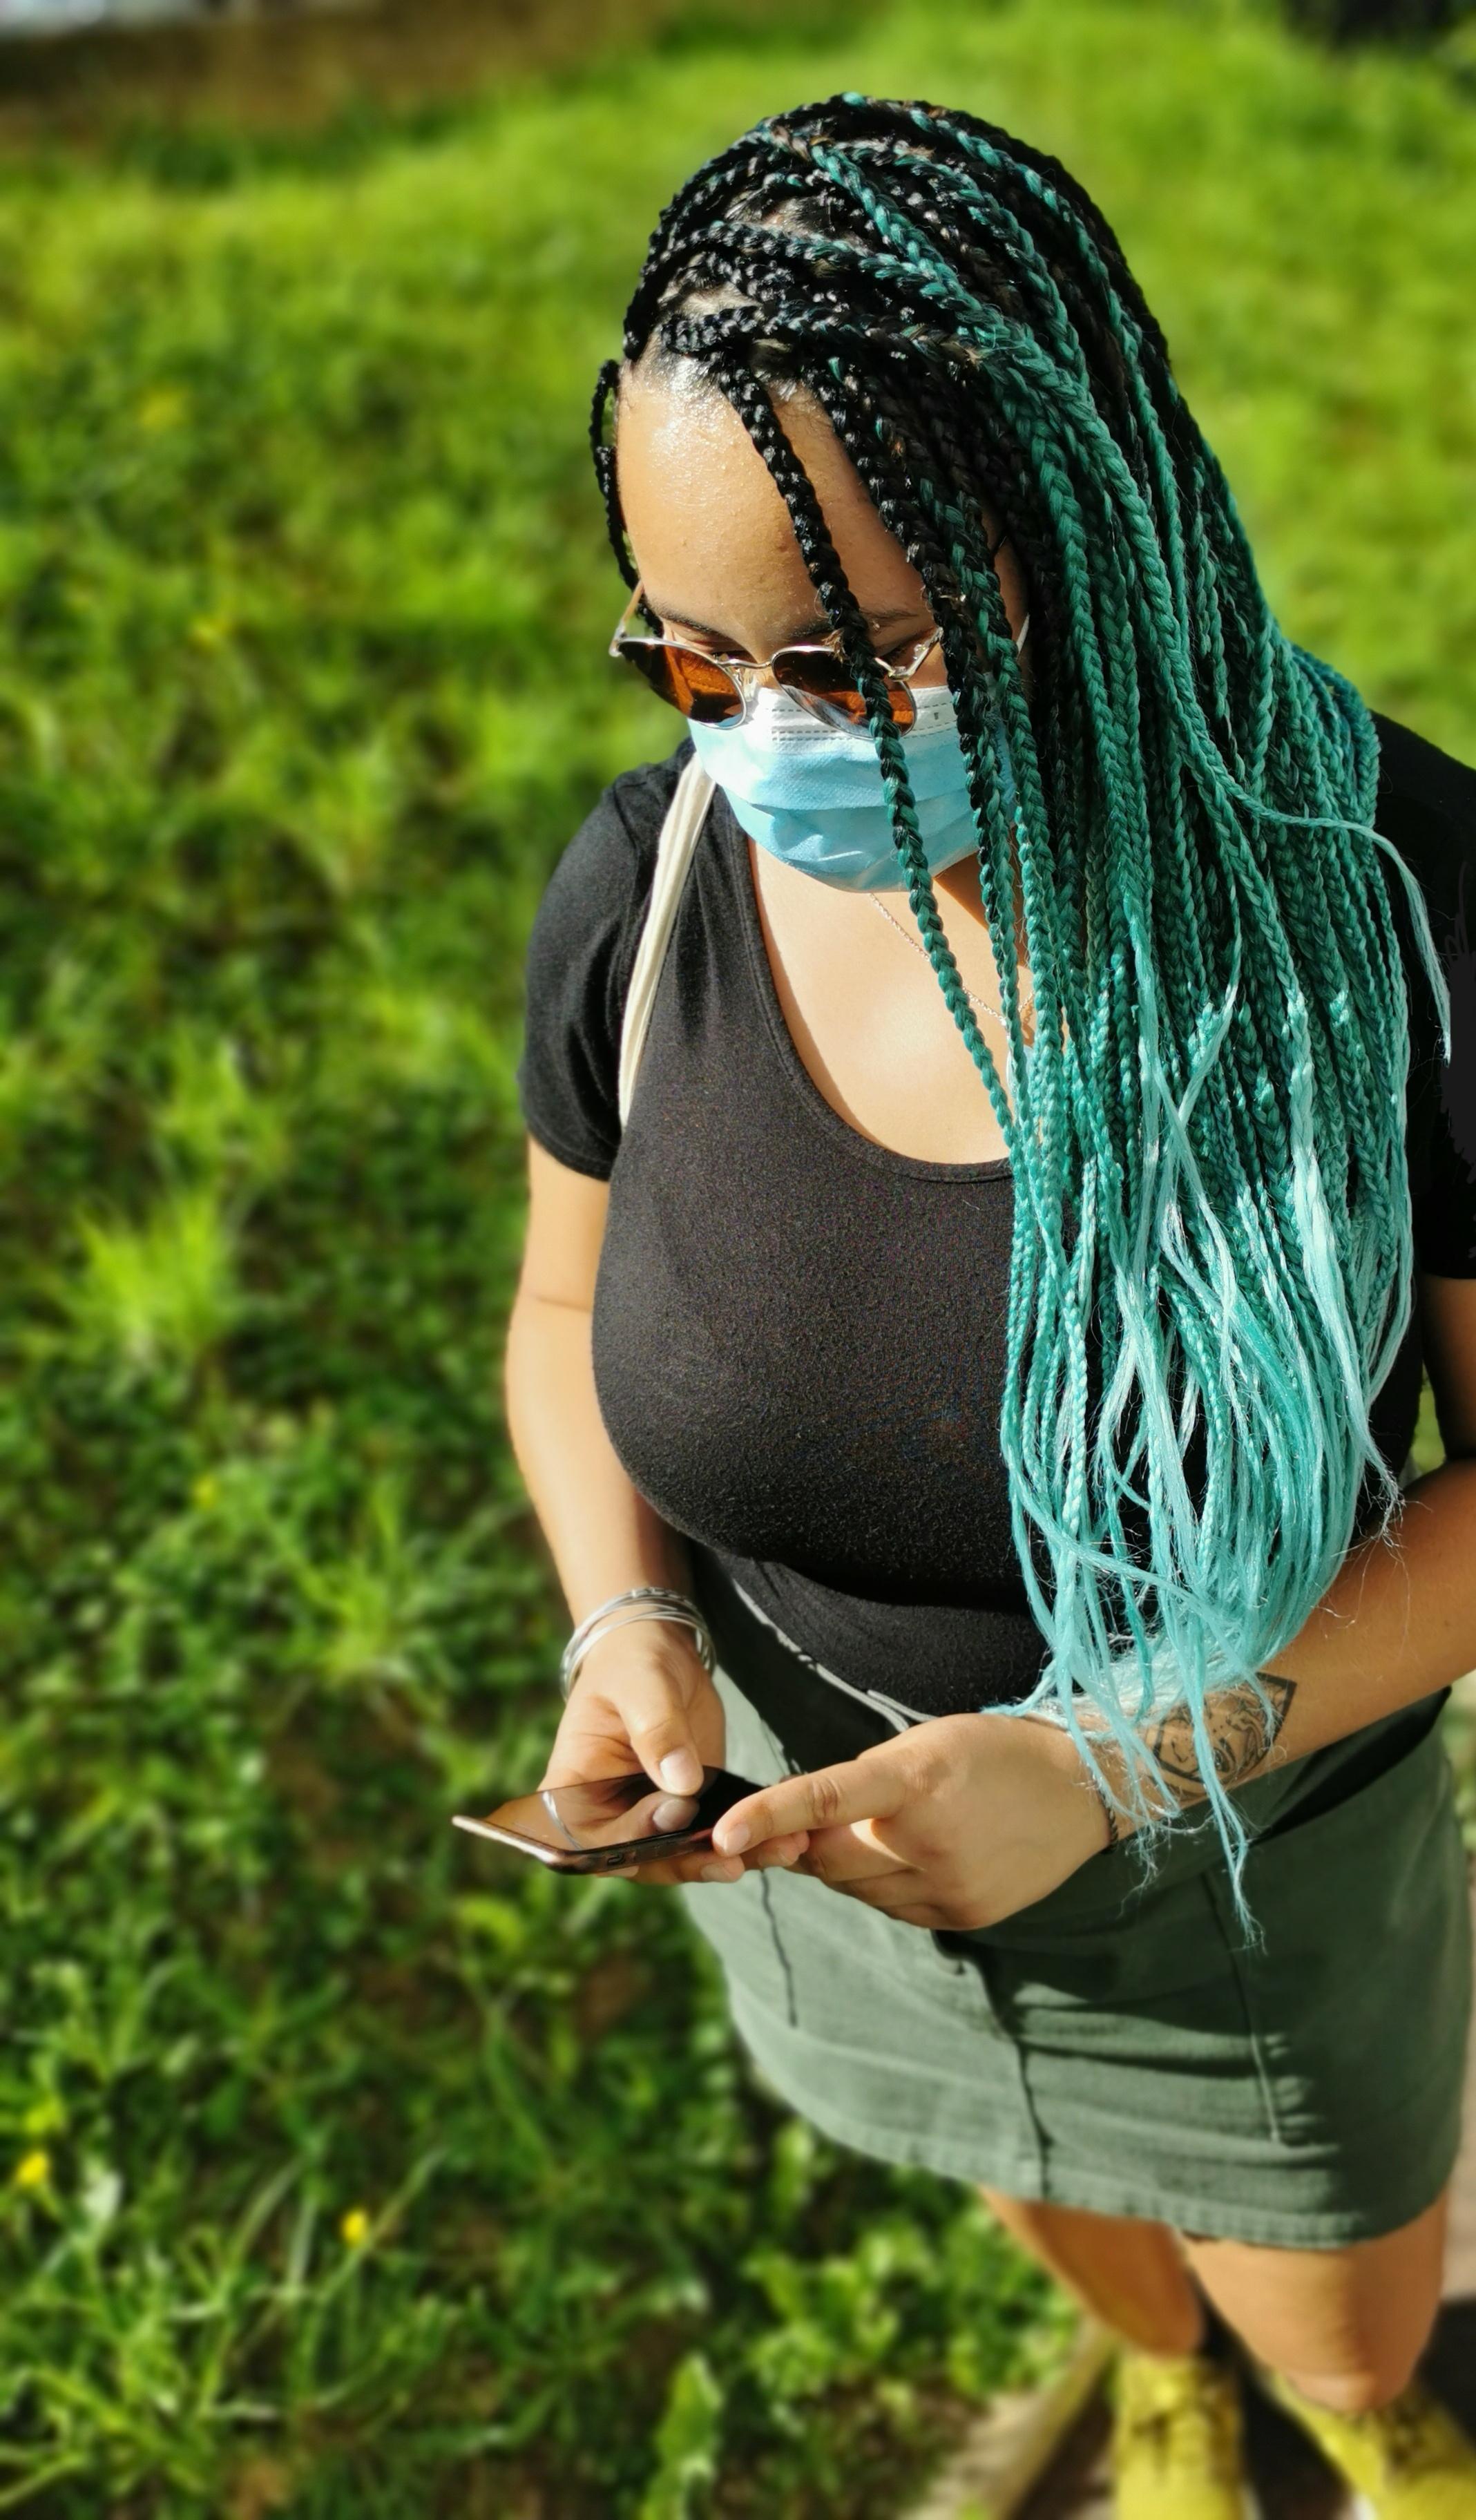 salon de coiffure afro tresse tresses box braids crochet braids vanilles tissages paris 75 77 78 91 92 93 94 95 FVWXJMVF